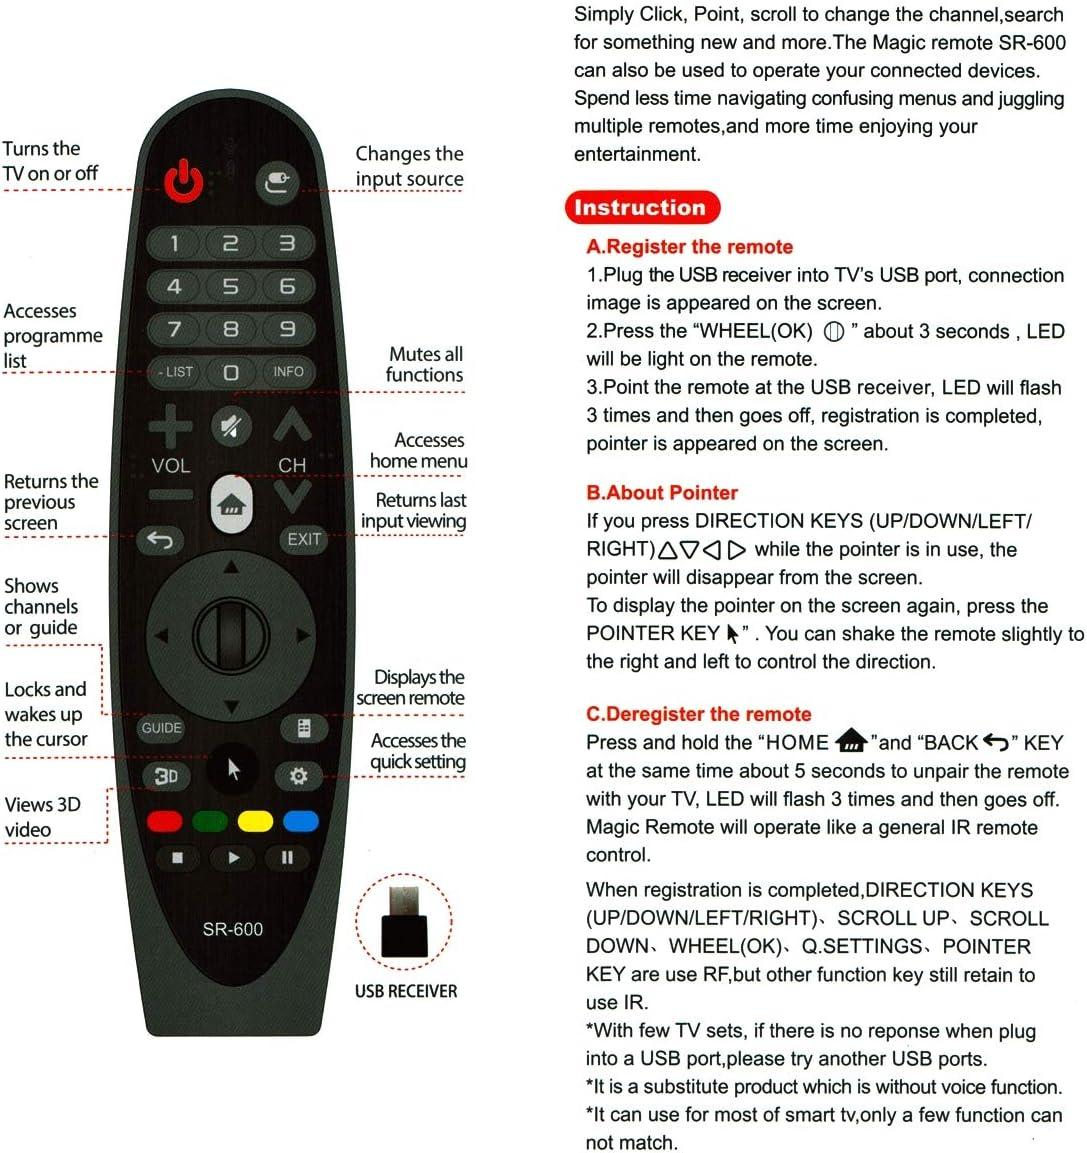 Mando a Distancia de Repuesto para LG 49UF7707 Smart TV con conexión preprogramada One-to-One: Amazon.es: Electrónica